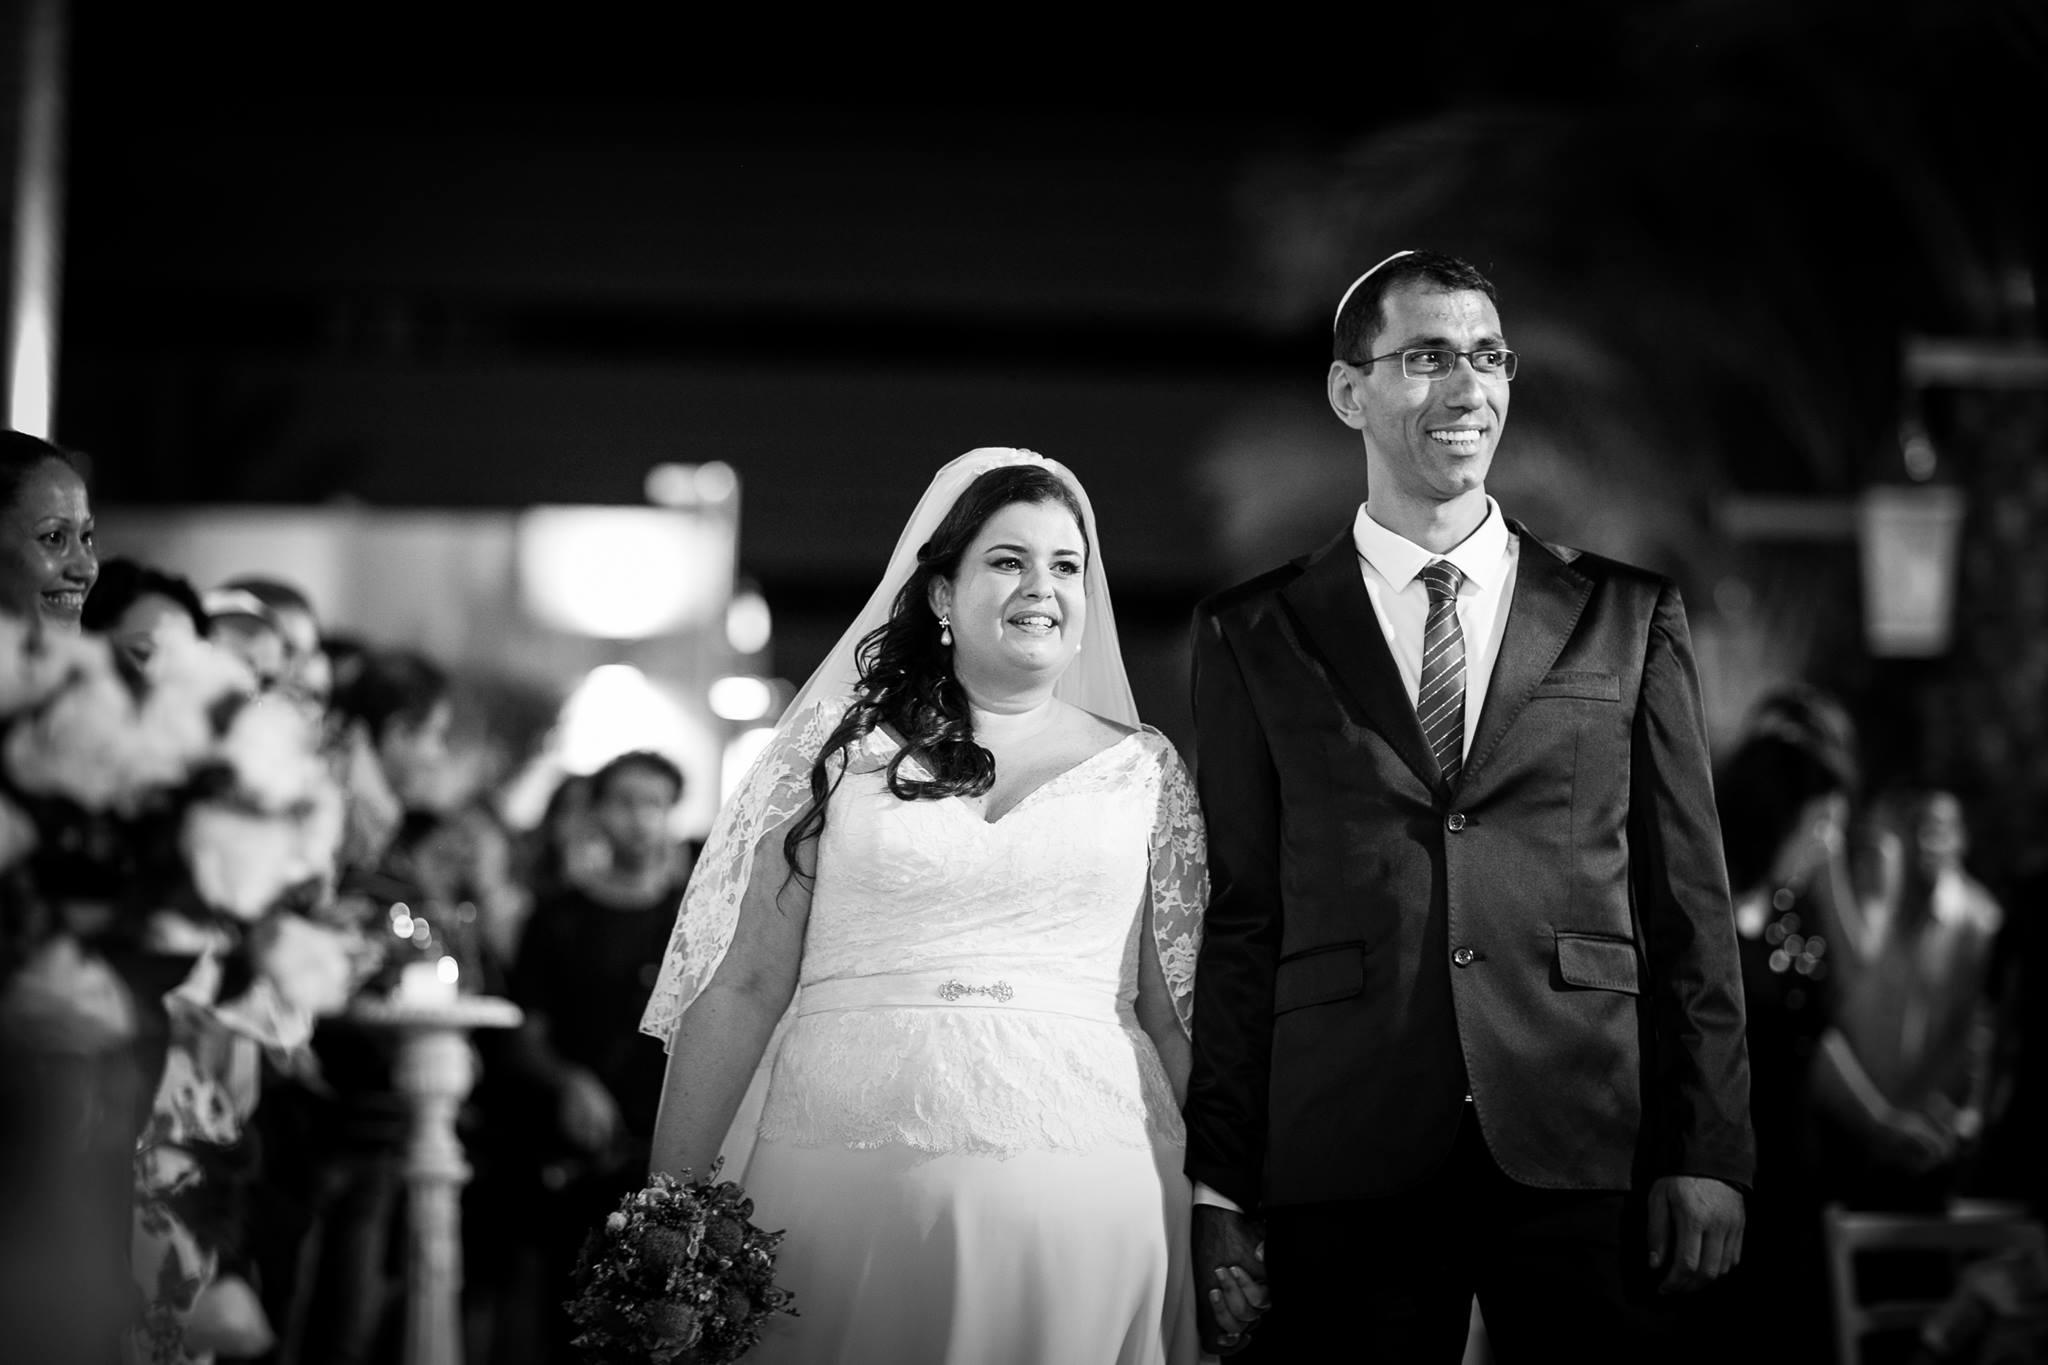 החתונה של אסתי ואמיר